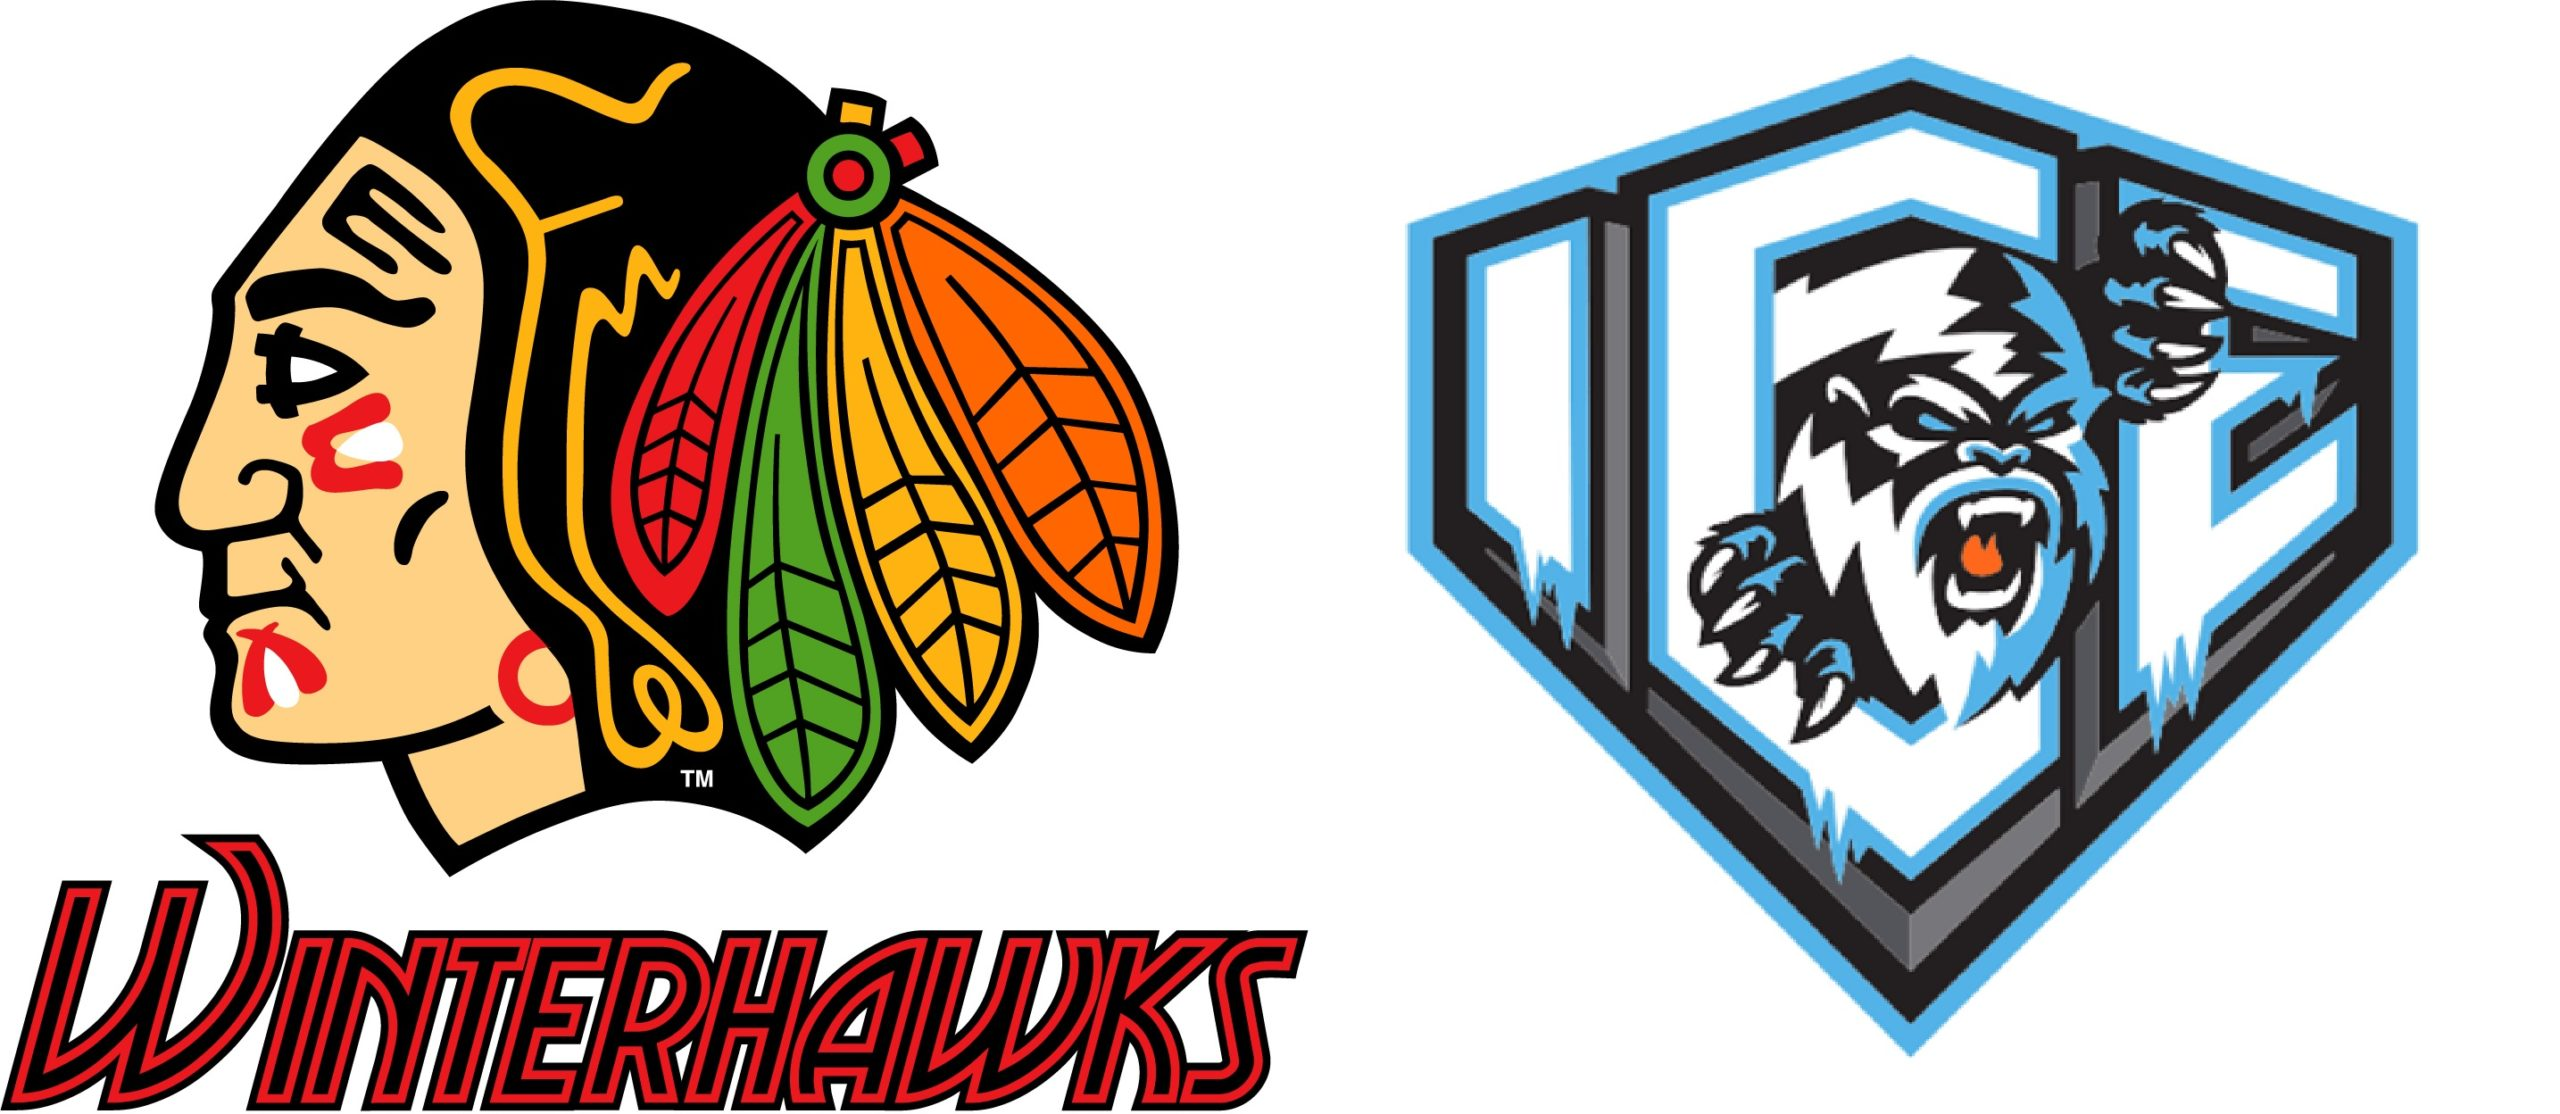 WHL: ICE seek first pre-season victory vs. Winterhawks